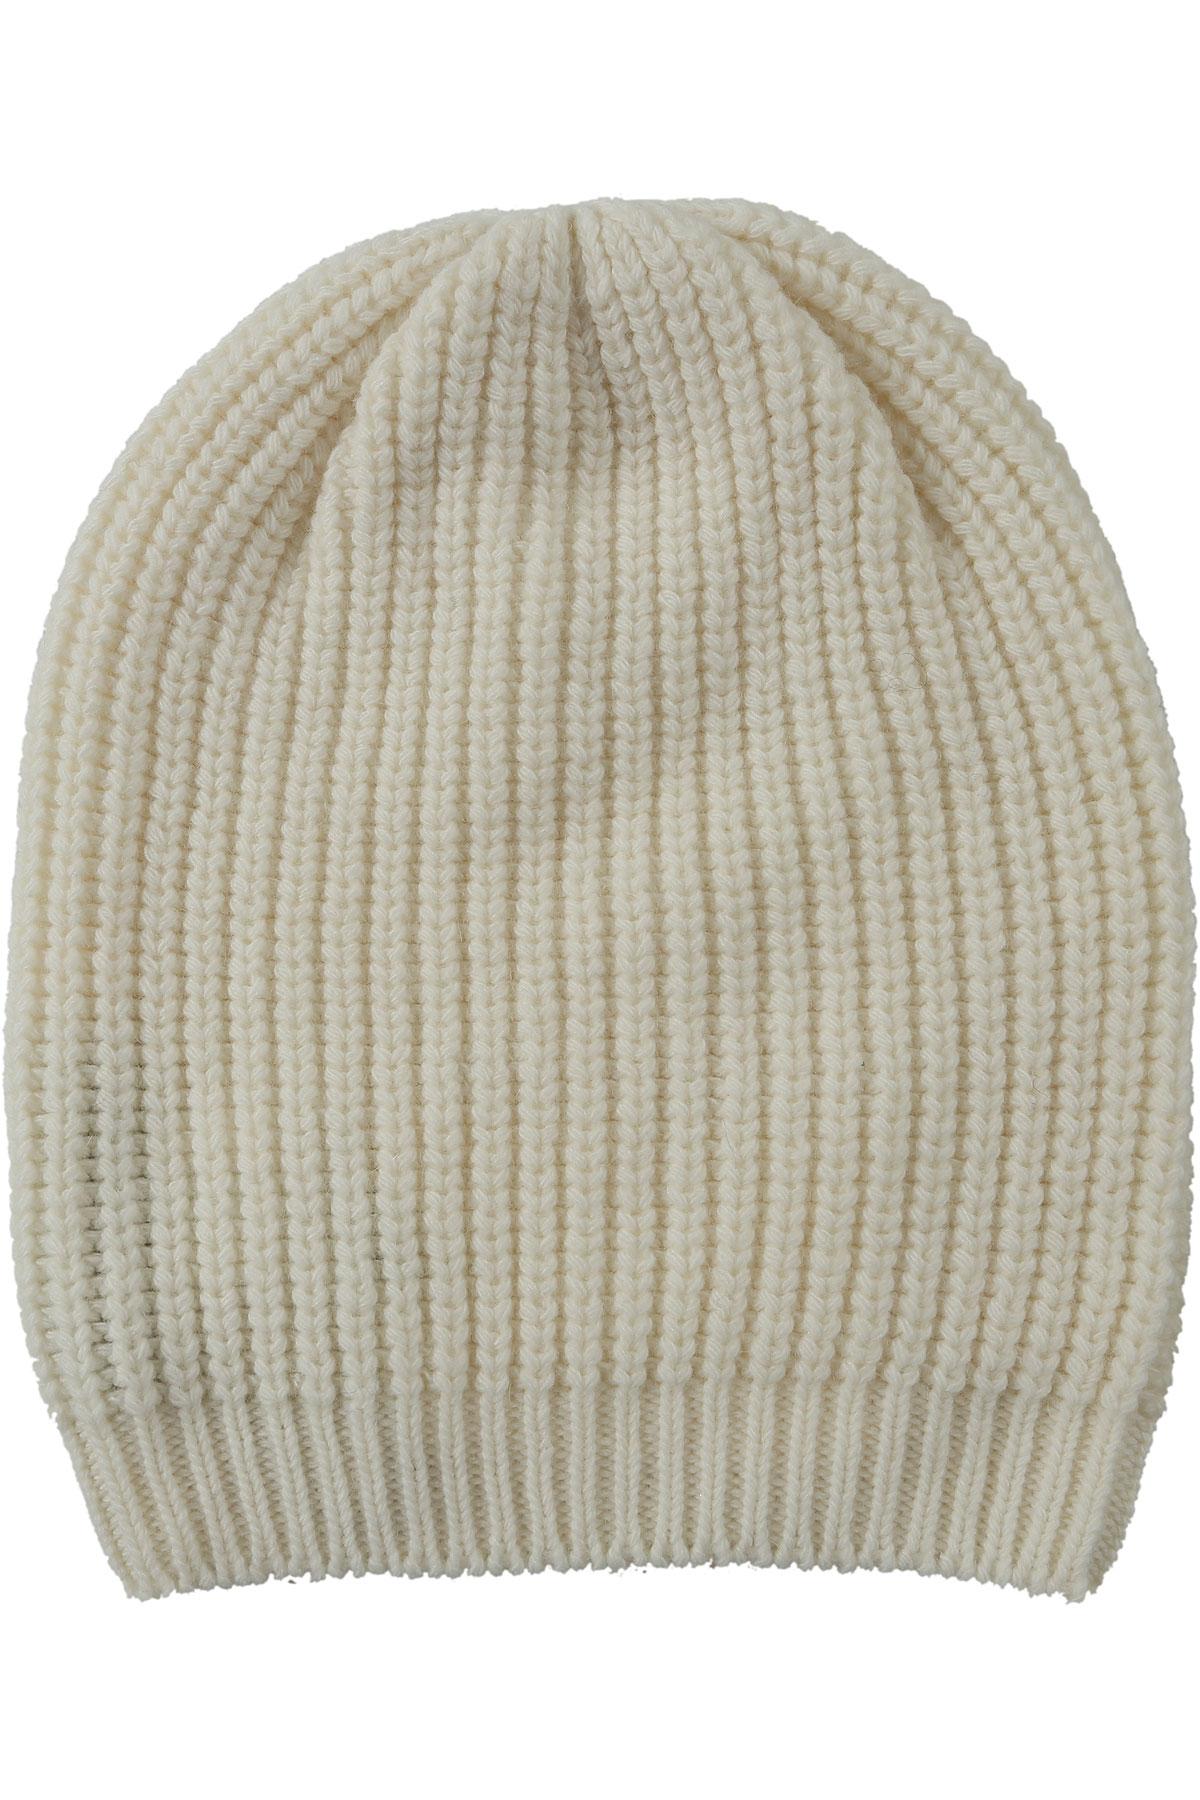 Angelo Marani Chapeau Femme Pas cher en Soldes, Blanc laiteux, Laine, 2017, 40 42 44 46 48 50 one size